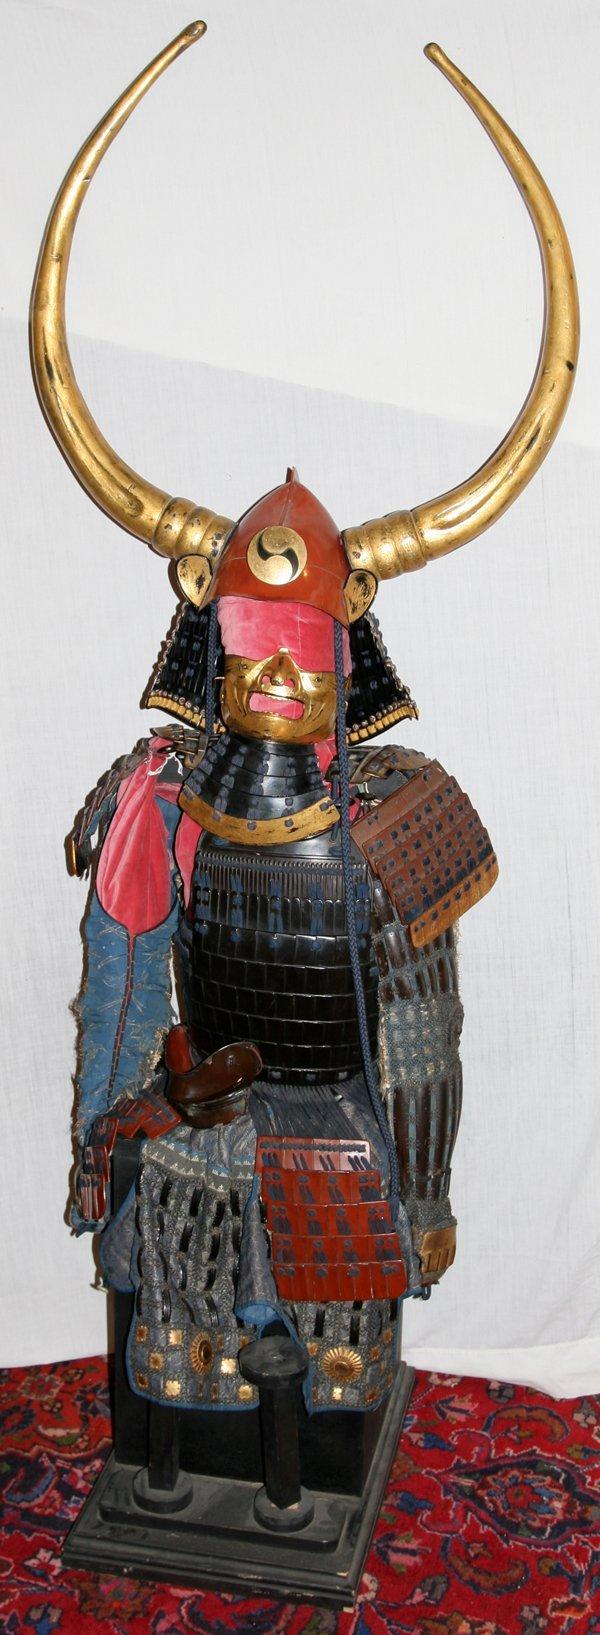 032014: JAPANESE SAMURAI WARRIOR SUIT OF ARMOR 18TH C